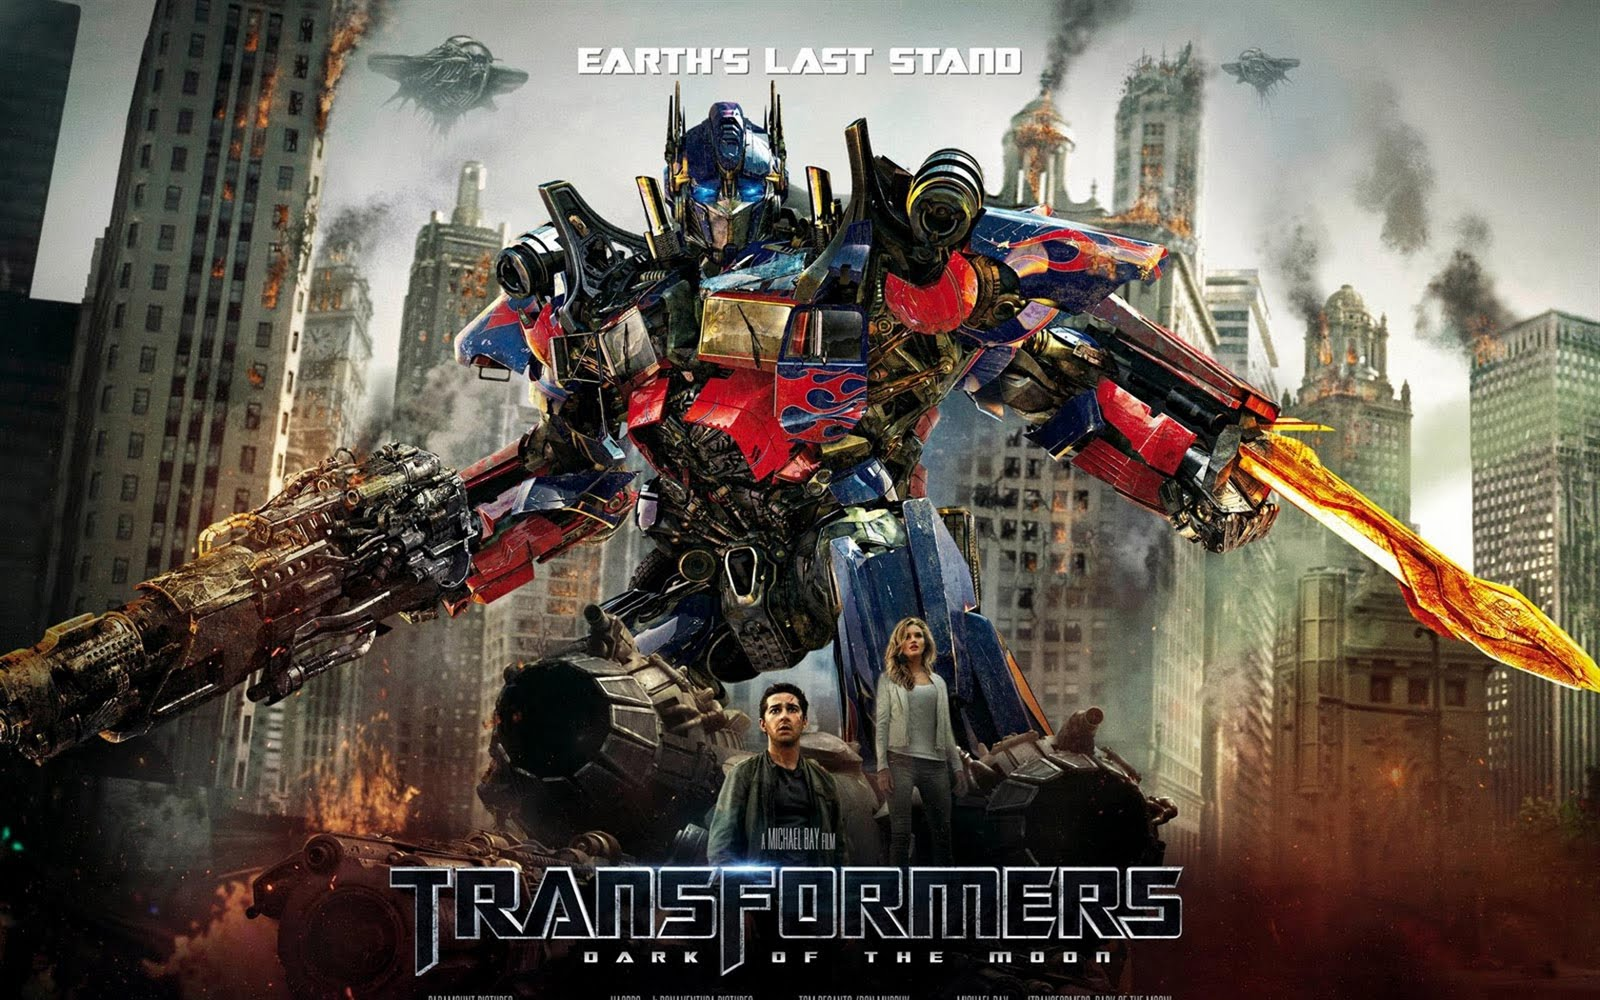 https://4.bp.blogspot.com/-x7F0Eftnk4Q/ThXd2mg_NQI/AAAAAAAACo0/FminLAjP09w/s1600/2011-Transformers-3-Wallpapers.jpg